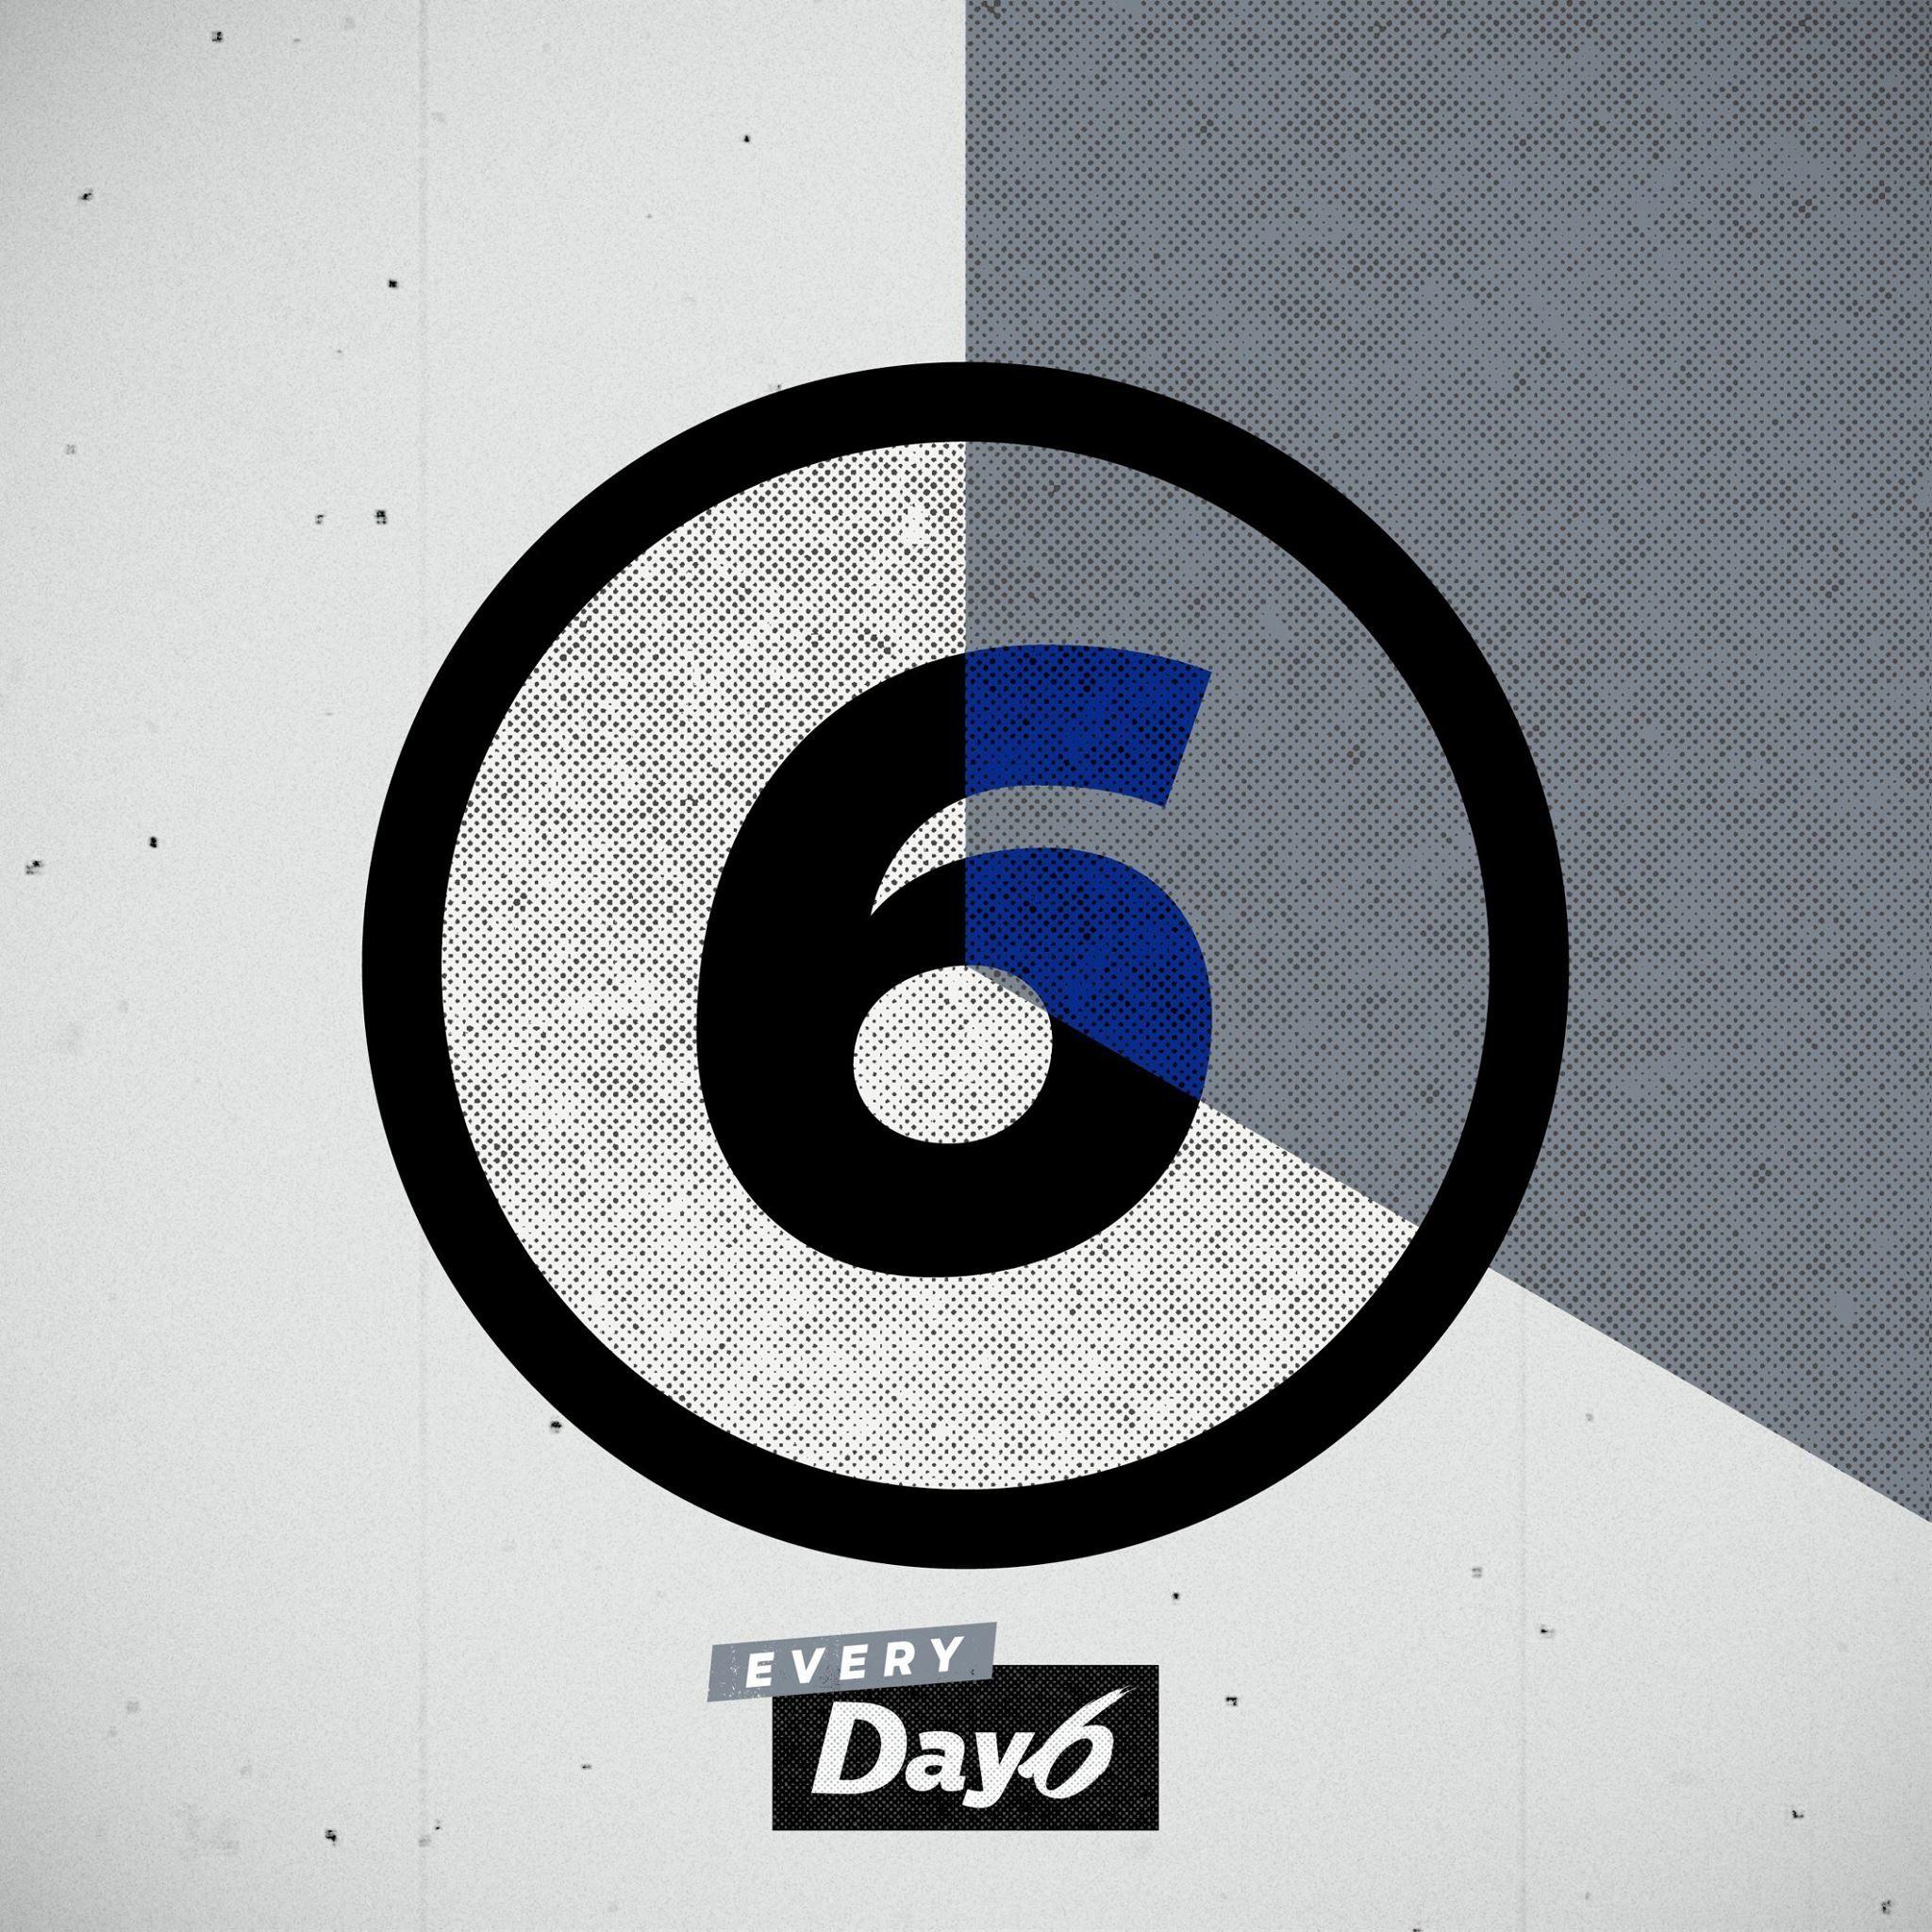 Pin de ryo kinnie em Day6 | Capas de álbuns, Álbuns de música, Album